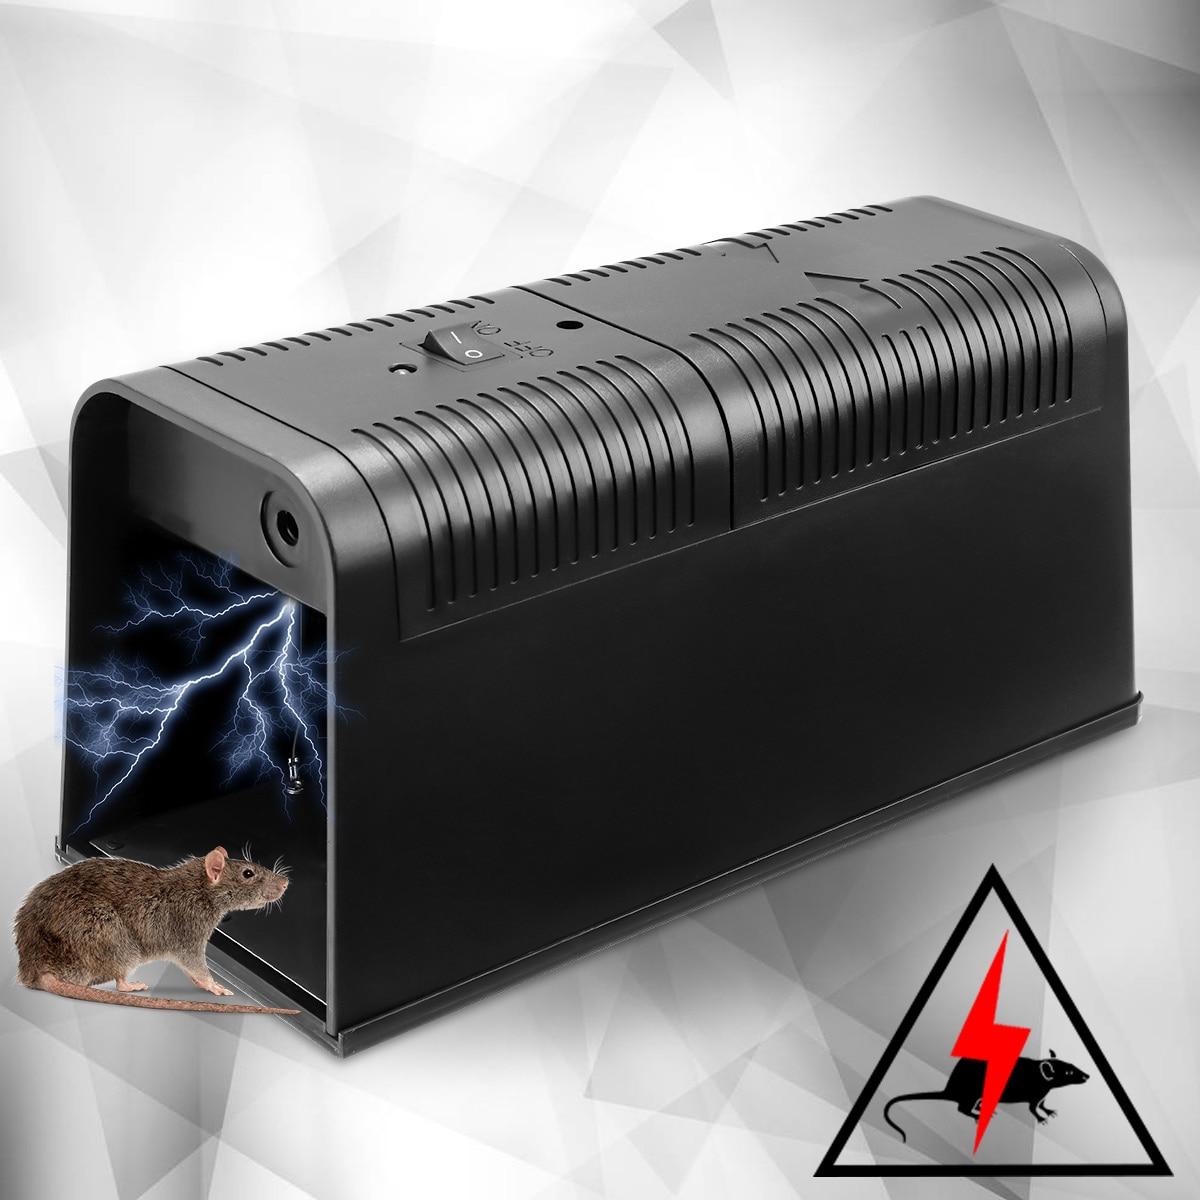 1 pz Elettronico Del Mouse Killer Ratto Zapper Trappola Sterminatore Humane Roditore Trappola Per Topi Dispositivo di 235X102X113mm DC6V